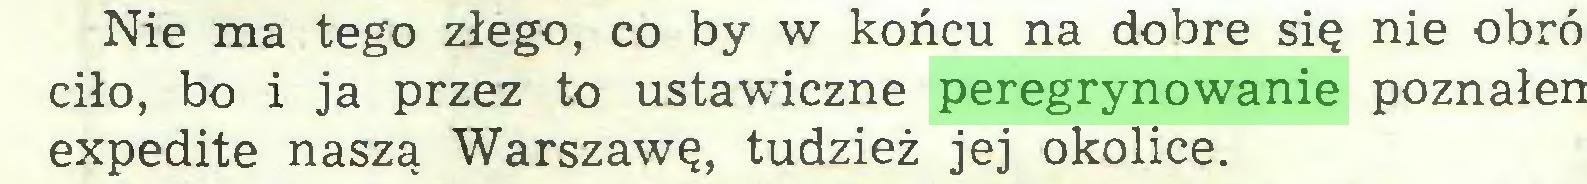 (...) Nie ma tego złego, co by w końcu na dobre się nie obró ciło, bo i ja przez to ustawiczne peregrynowanie poznałen expedite naszą Warszawę, tudzież jej okolice...